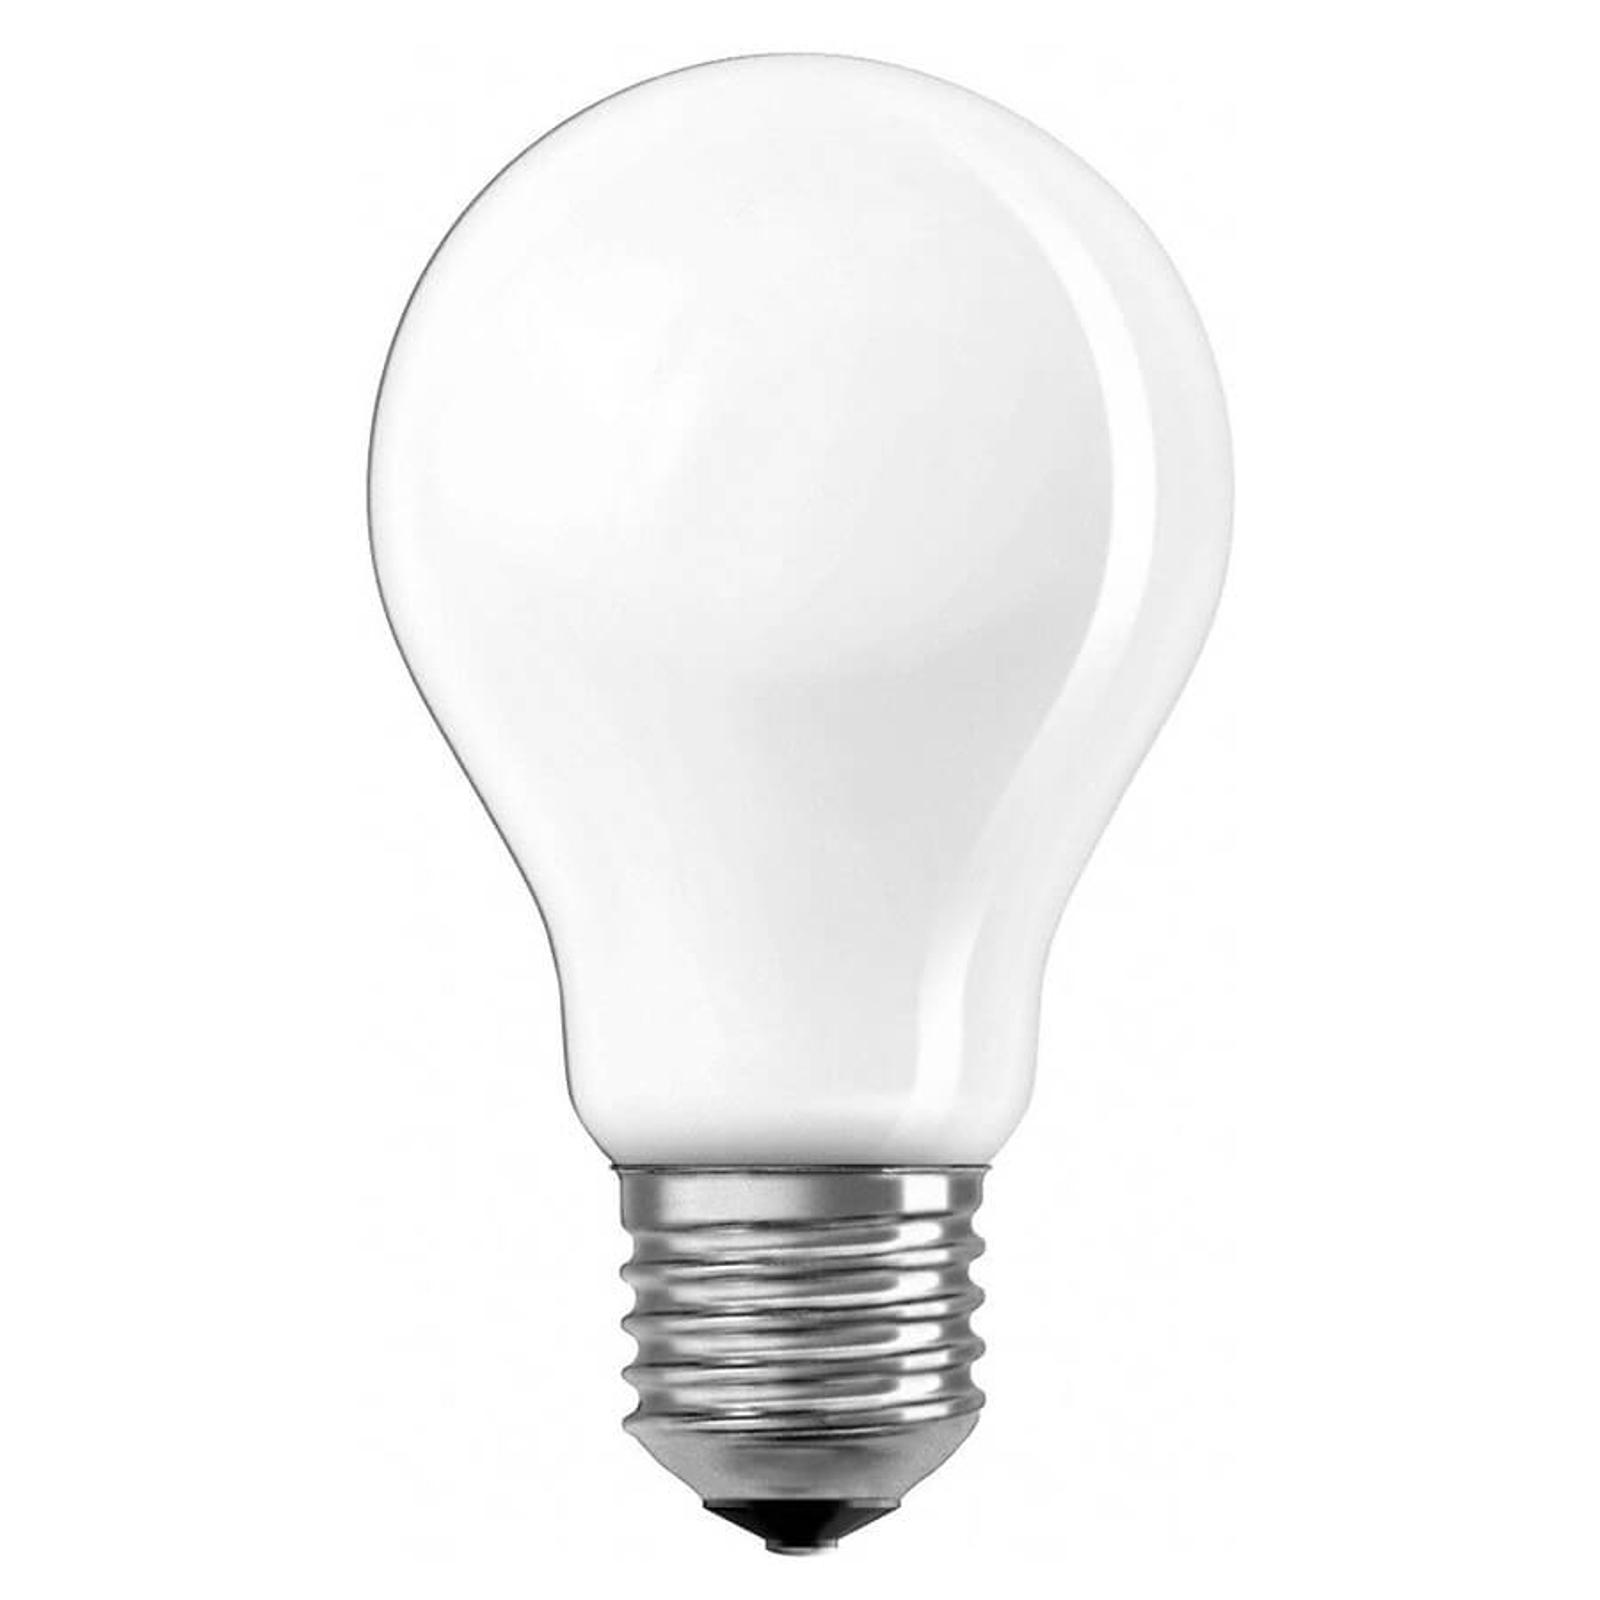 OSRAM LED-lampa E27 7W Classic A opal 840 dimbar